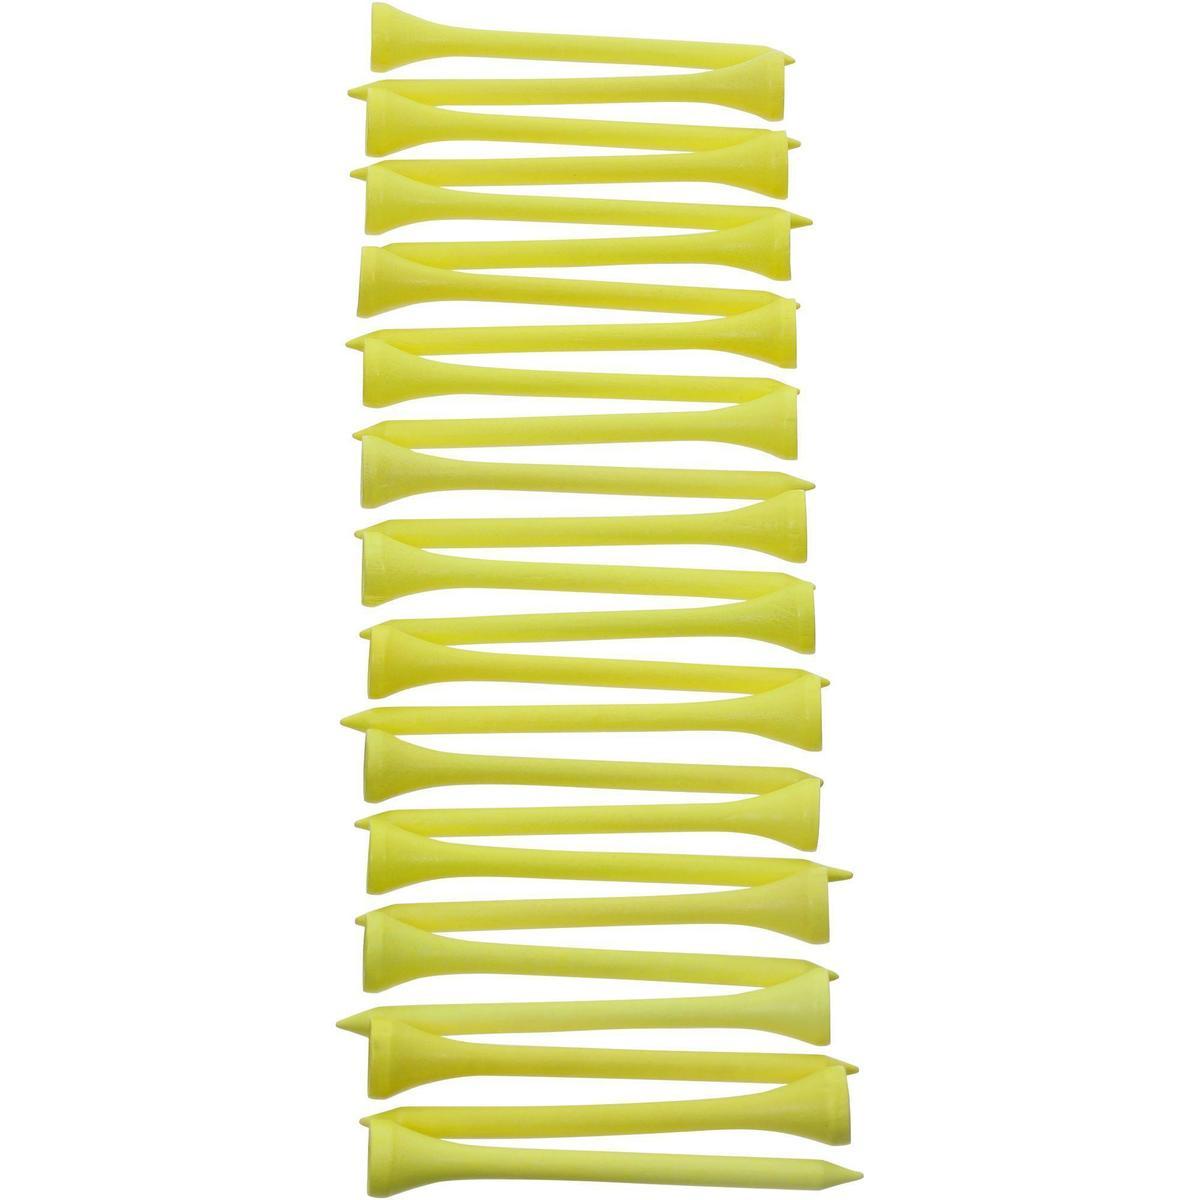 Bild 3 von Golf Holz-Tees 69 mm 25 Stück gelb